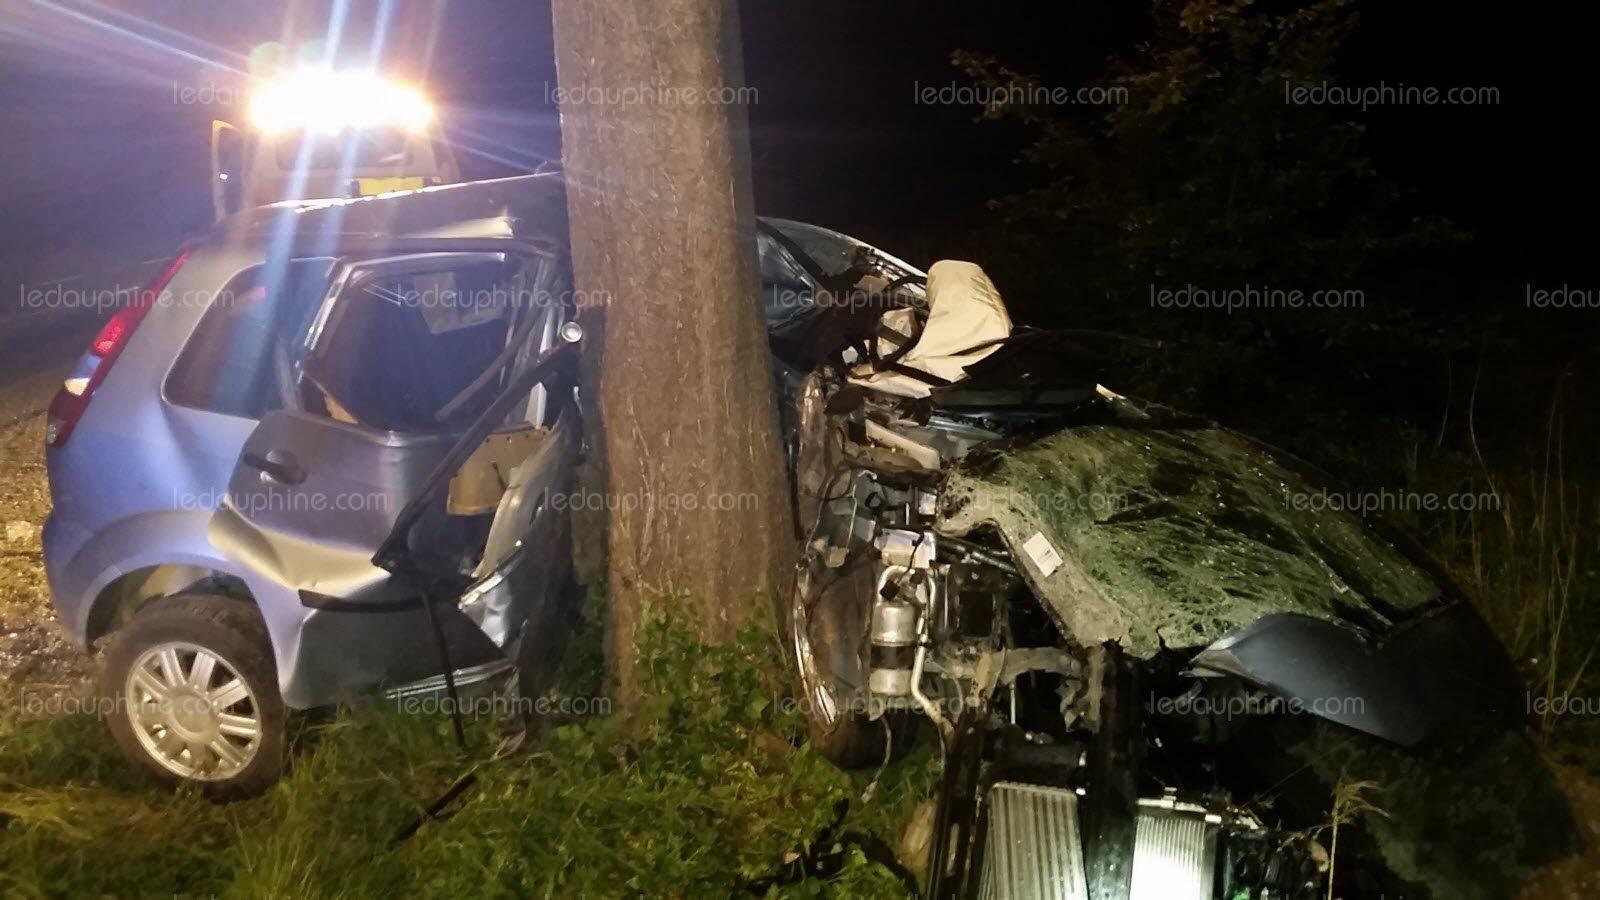 vaucluse accident de voiture